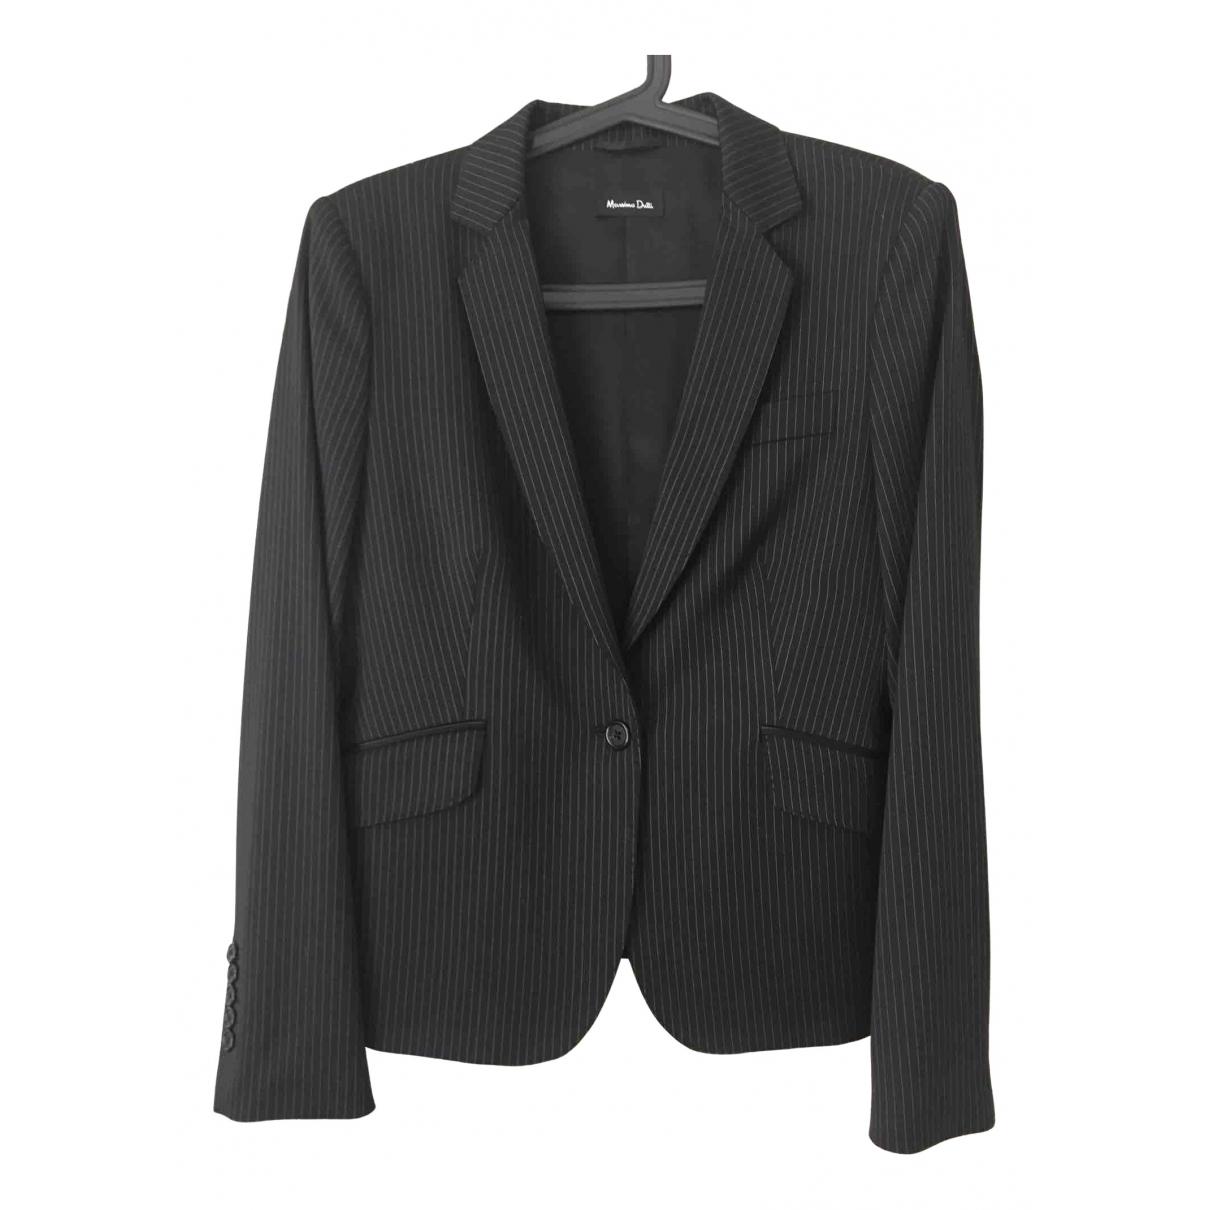 Massimo Dutti - Veste   pour femme en laine - noir